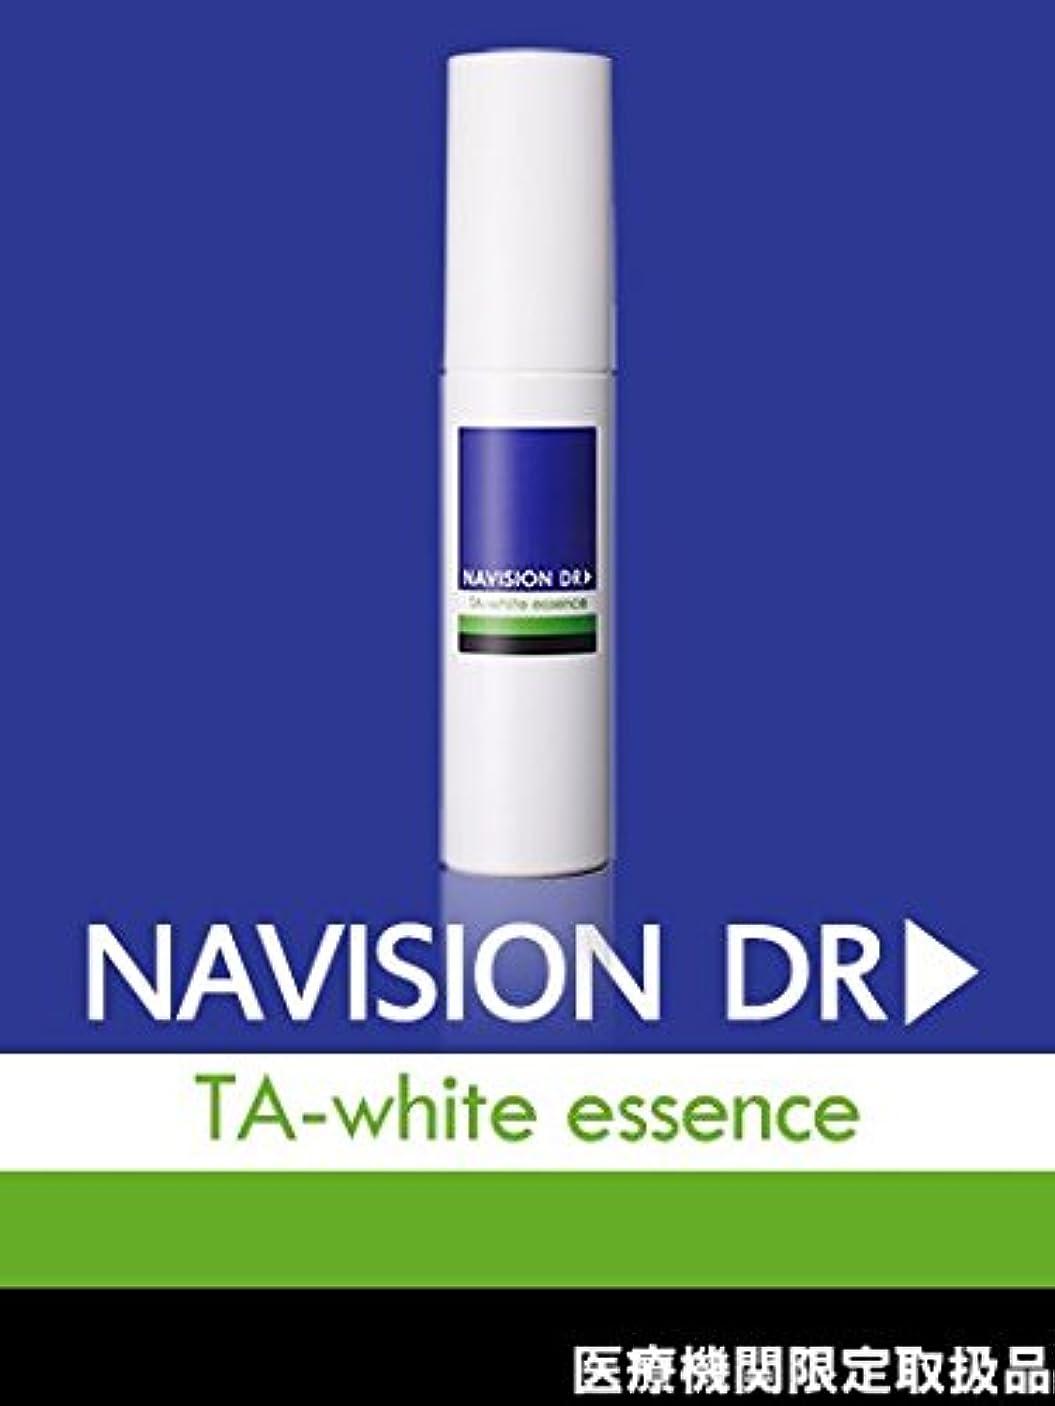 共和国レオナルドダゴミNAVISION DR? ナビジョンDR TAホワイトエッセンス(医薬部外品) 45mL 【医療機関限定取扱品】